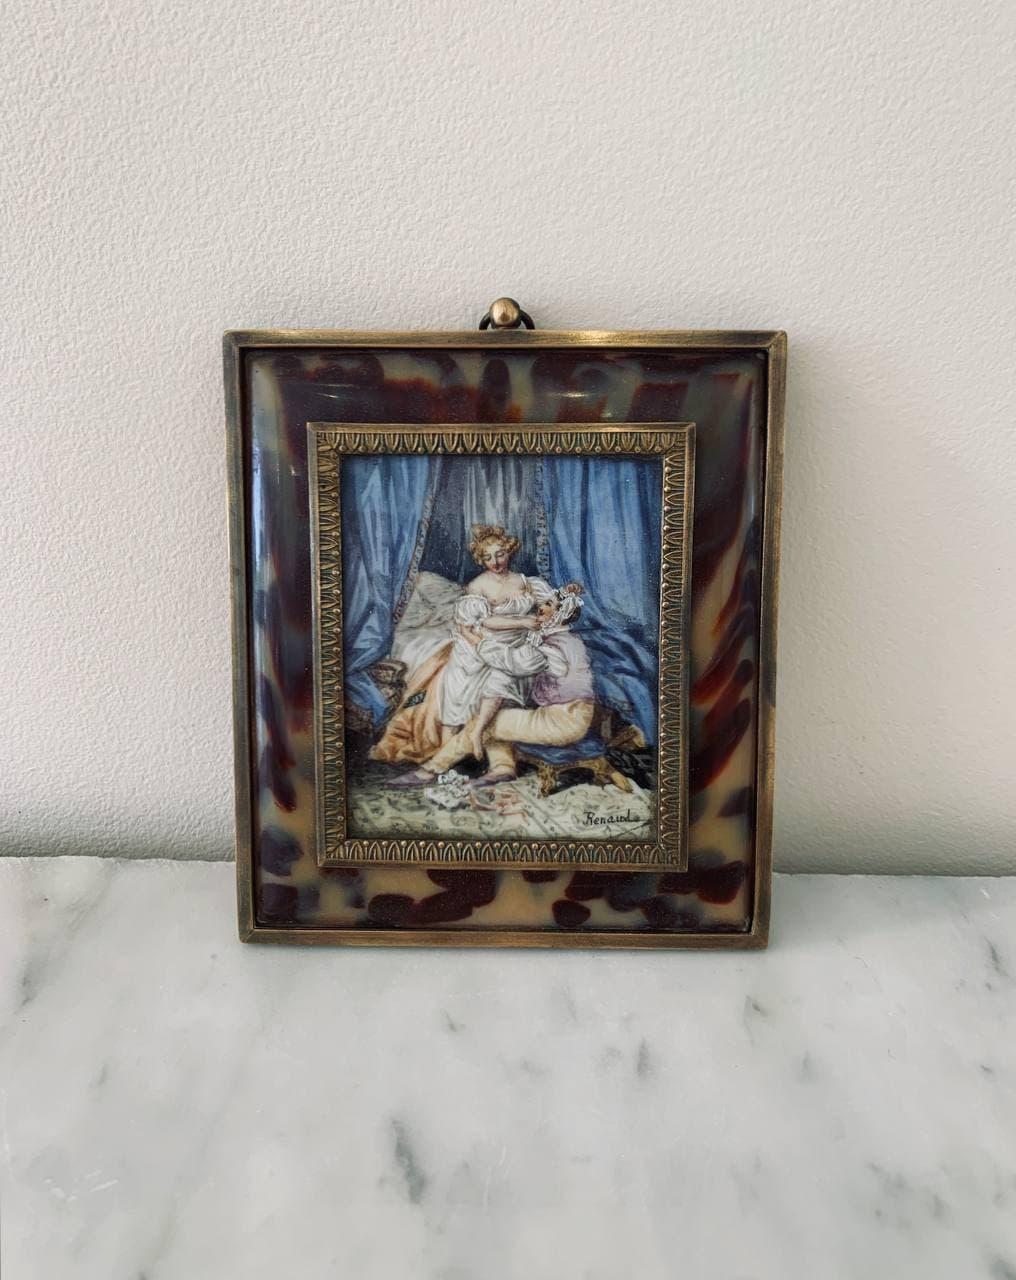 Антикварная миниатюра с эротической сценой